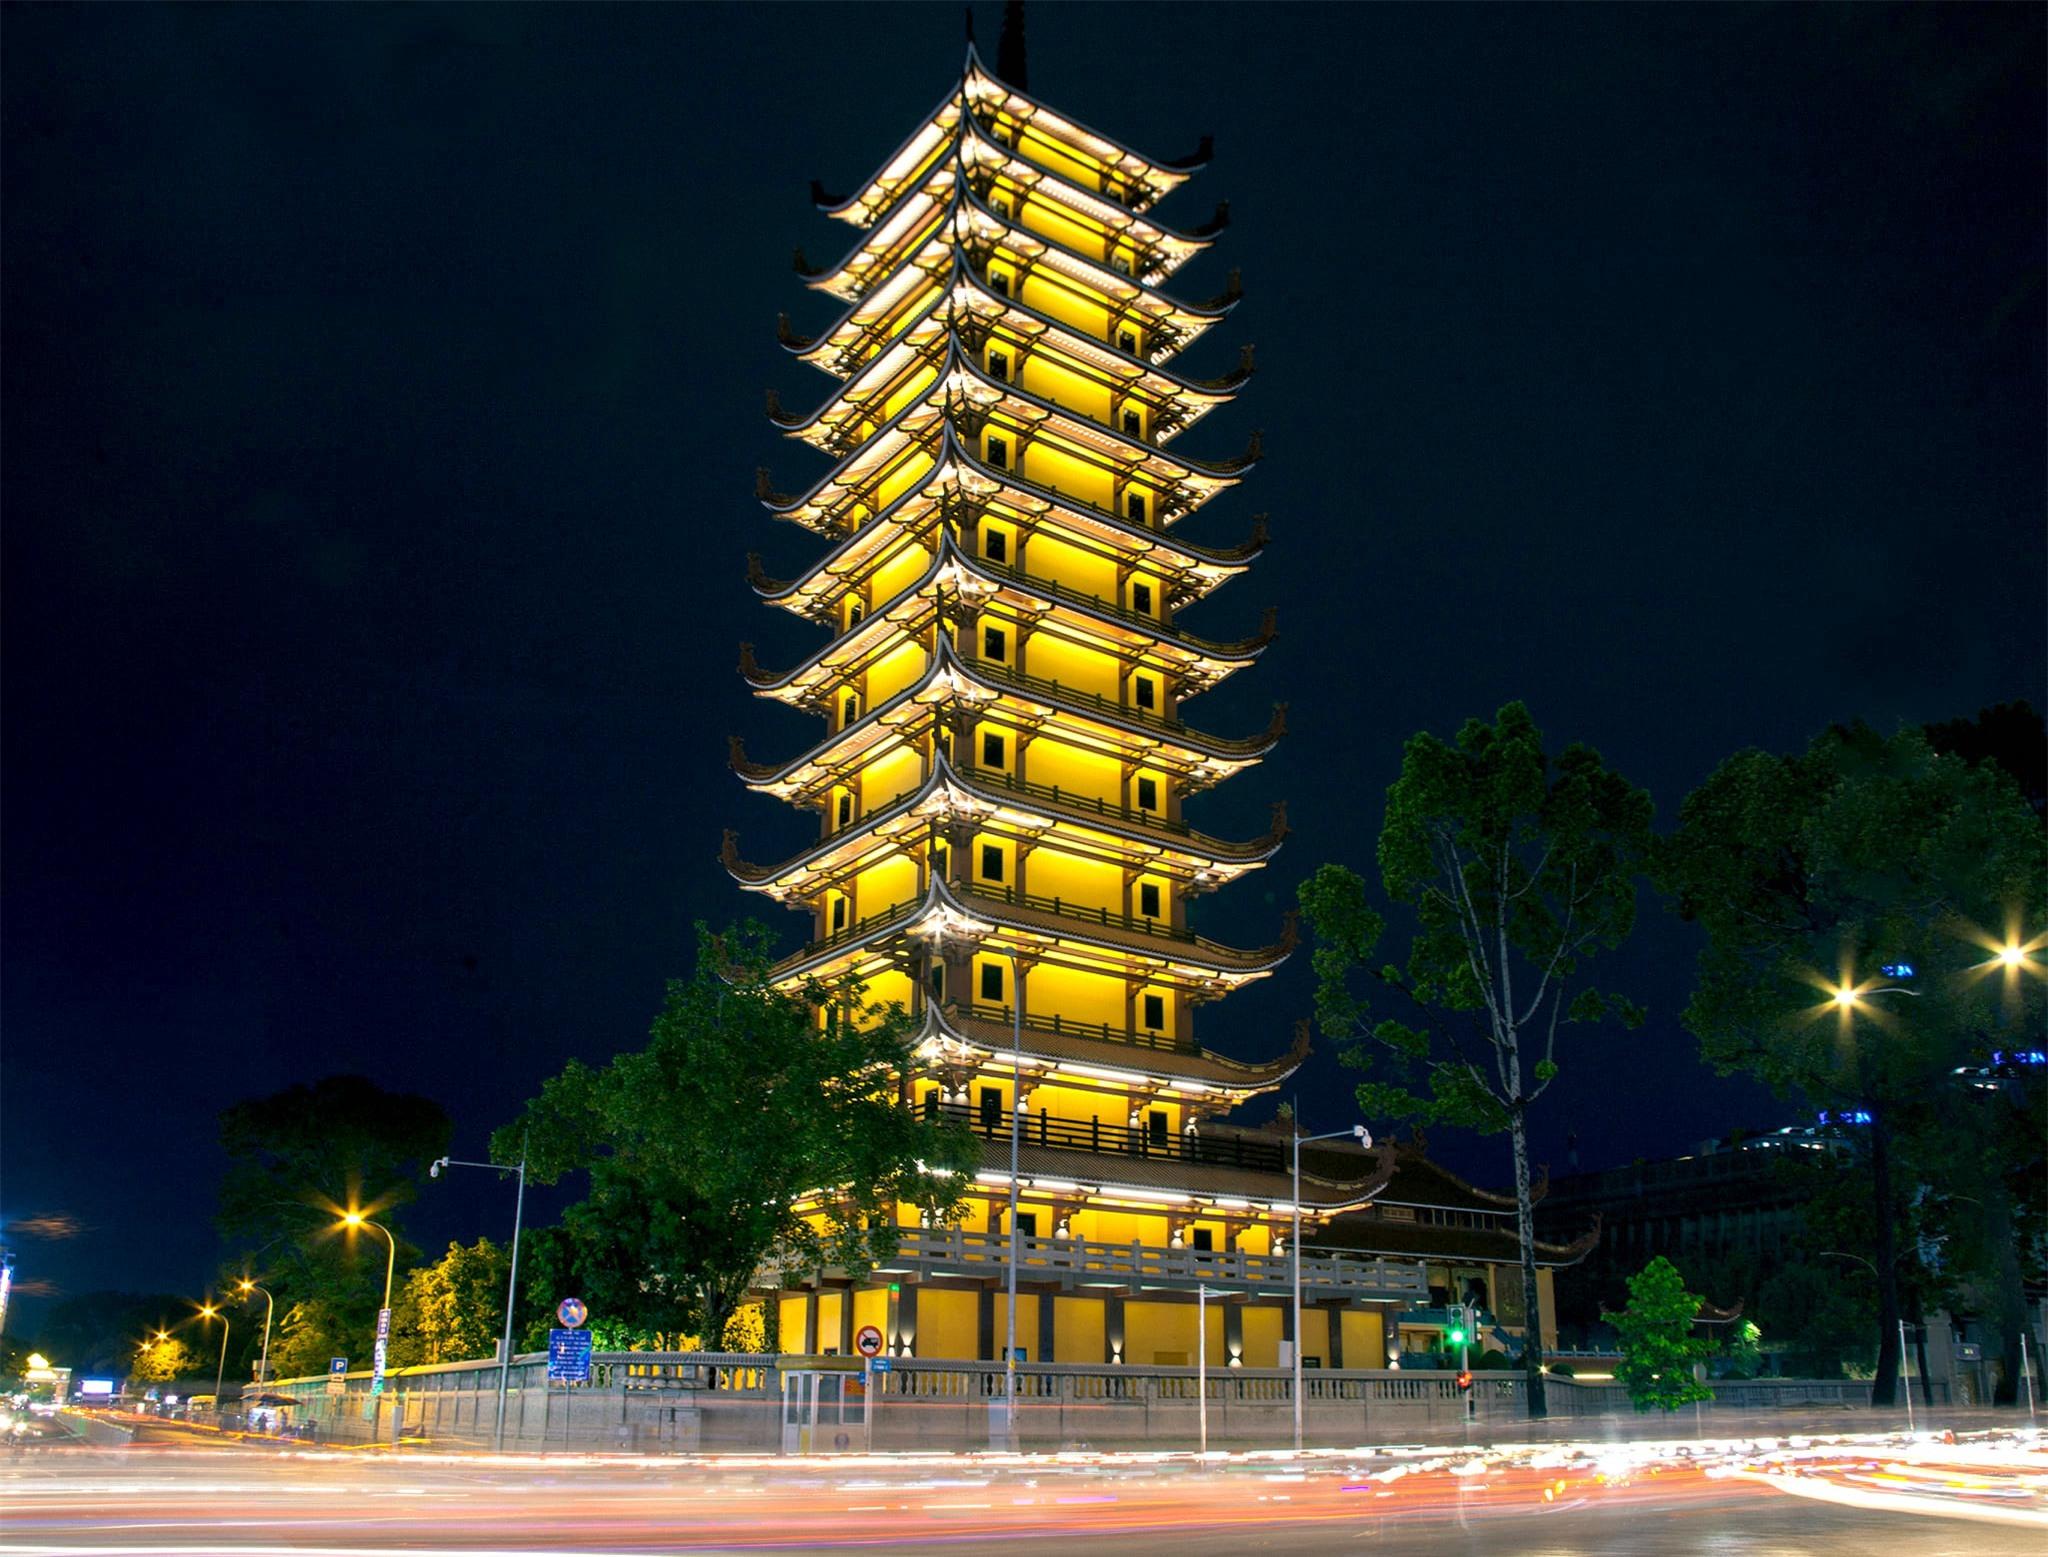 Các công trình nổi tiếng ở TPHCM giữa trời đêm - Ảnh 5.